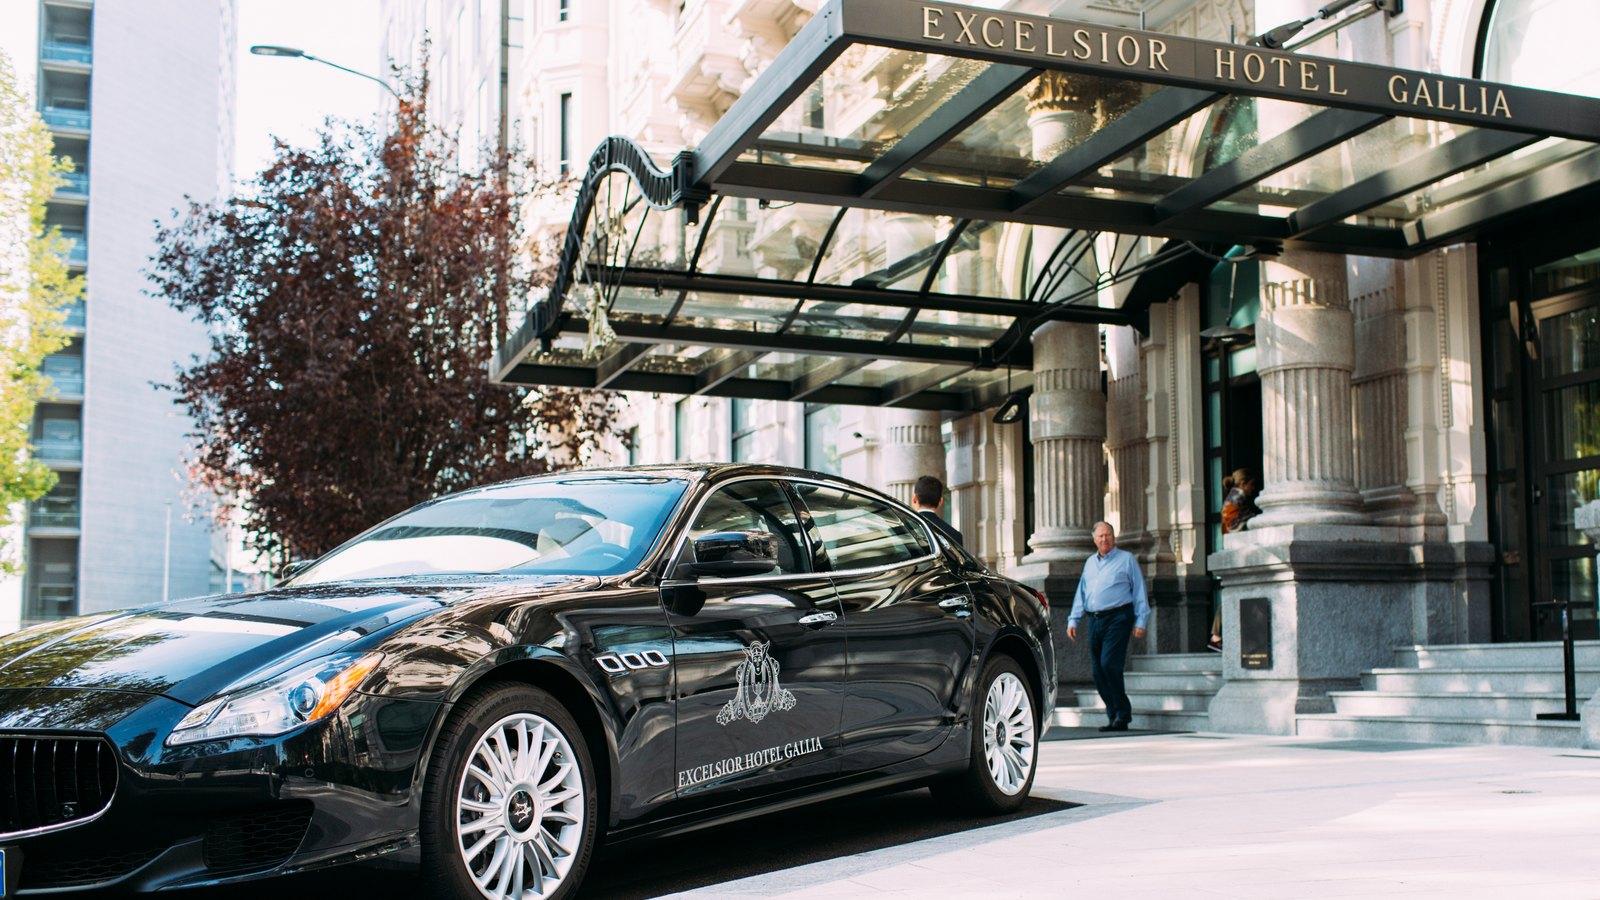 Maserati Excelsior Hotel Gallia Milano